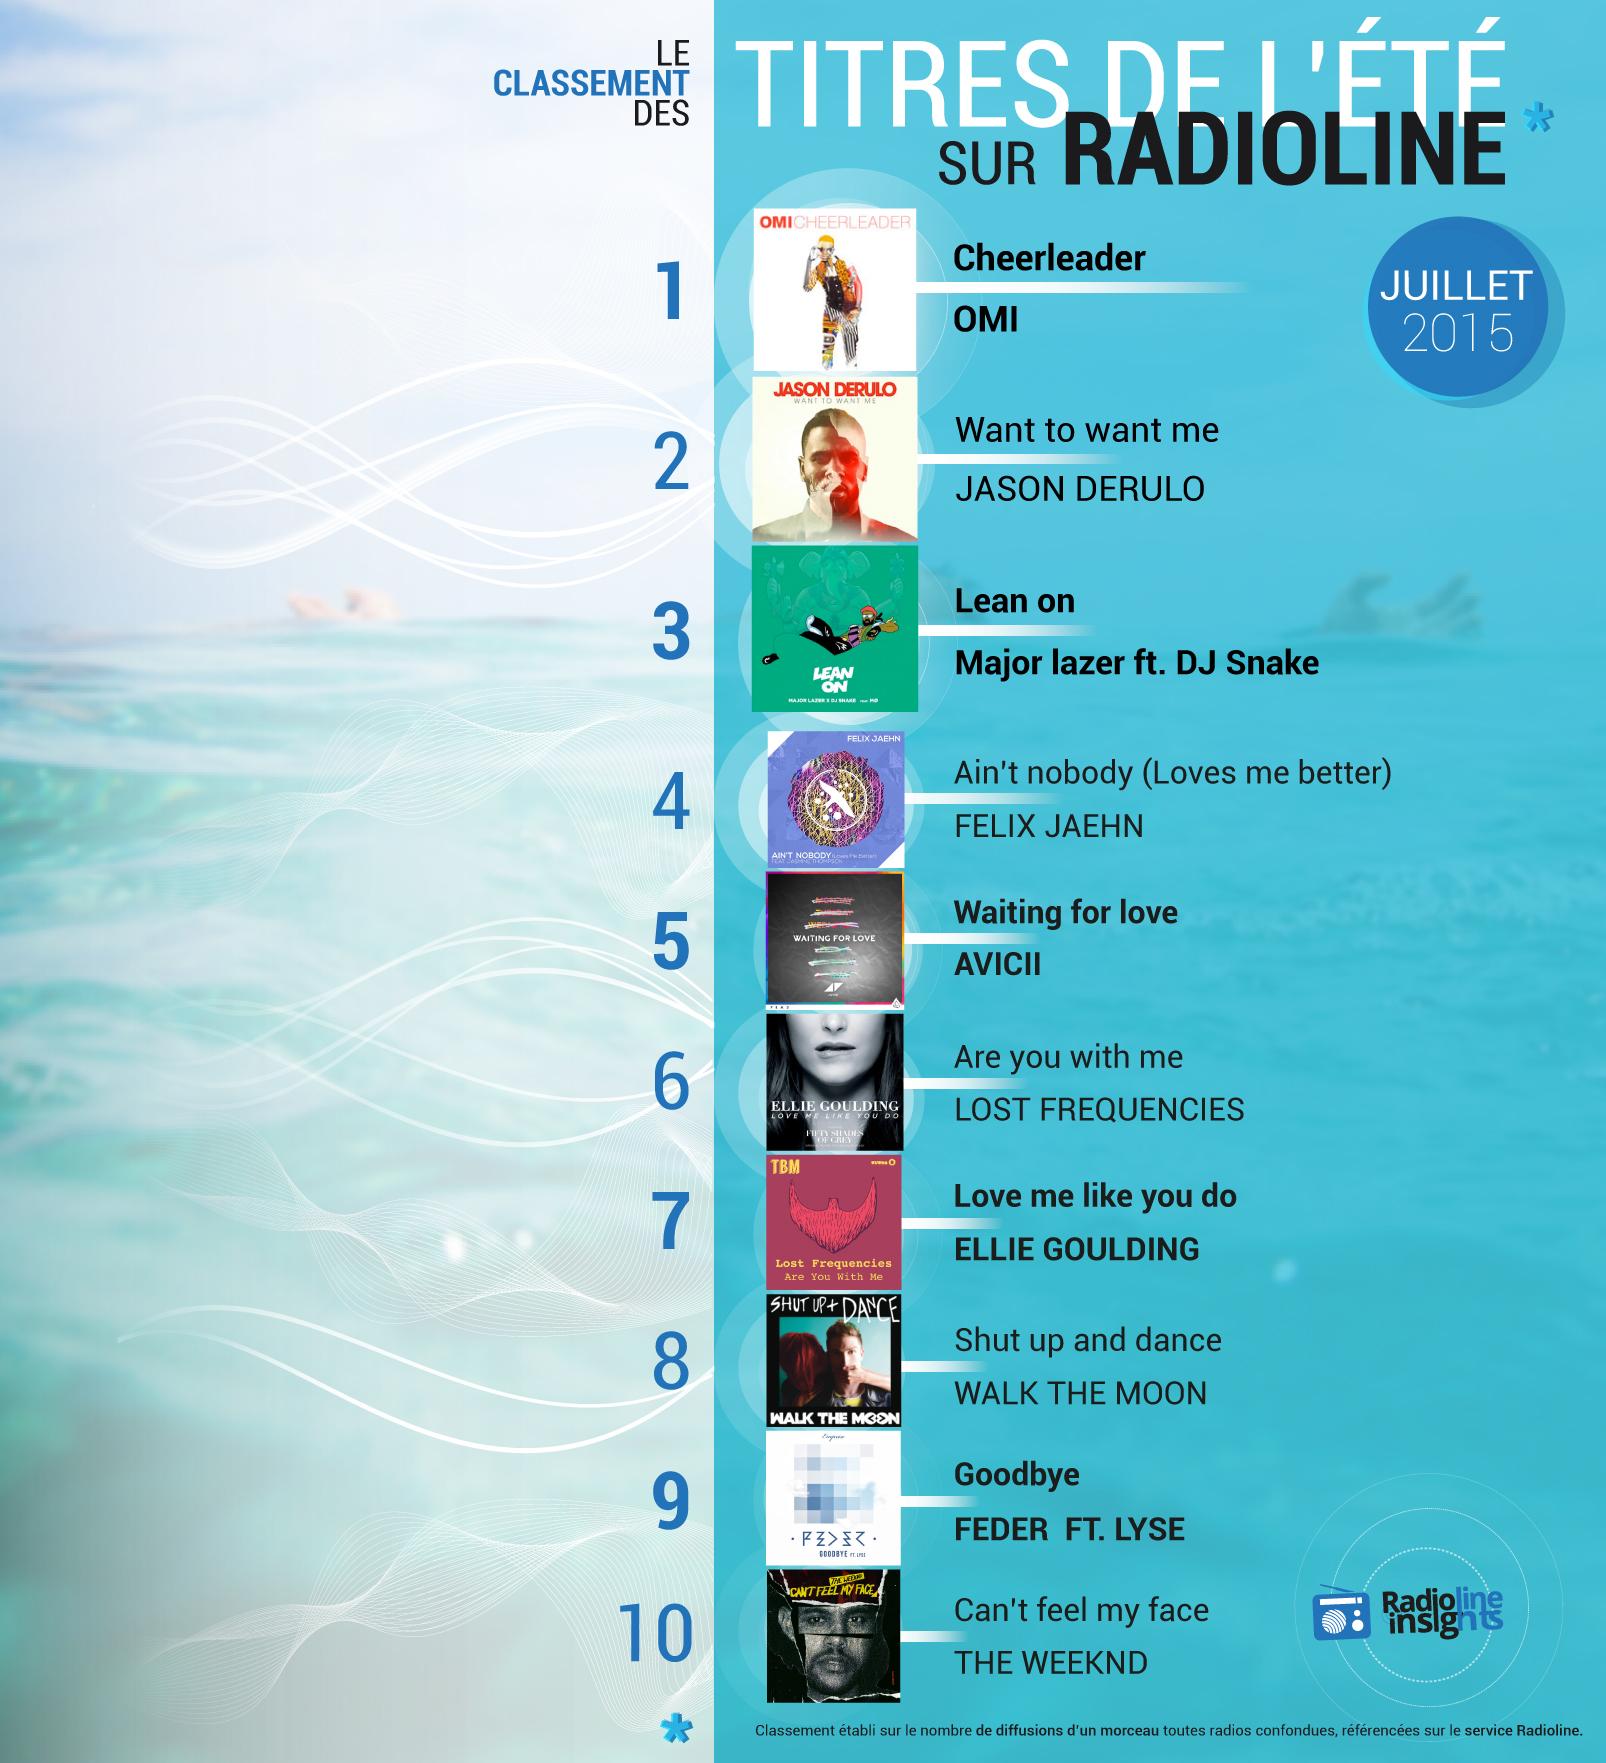 #RadiolineInsights : voici les tubes de cet été 2015